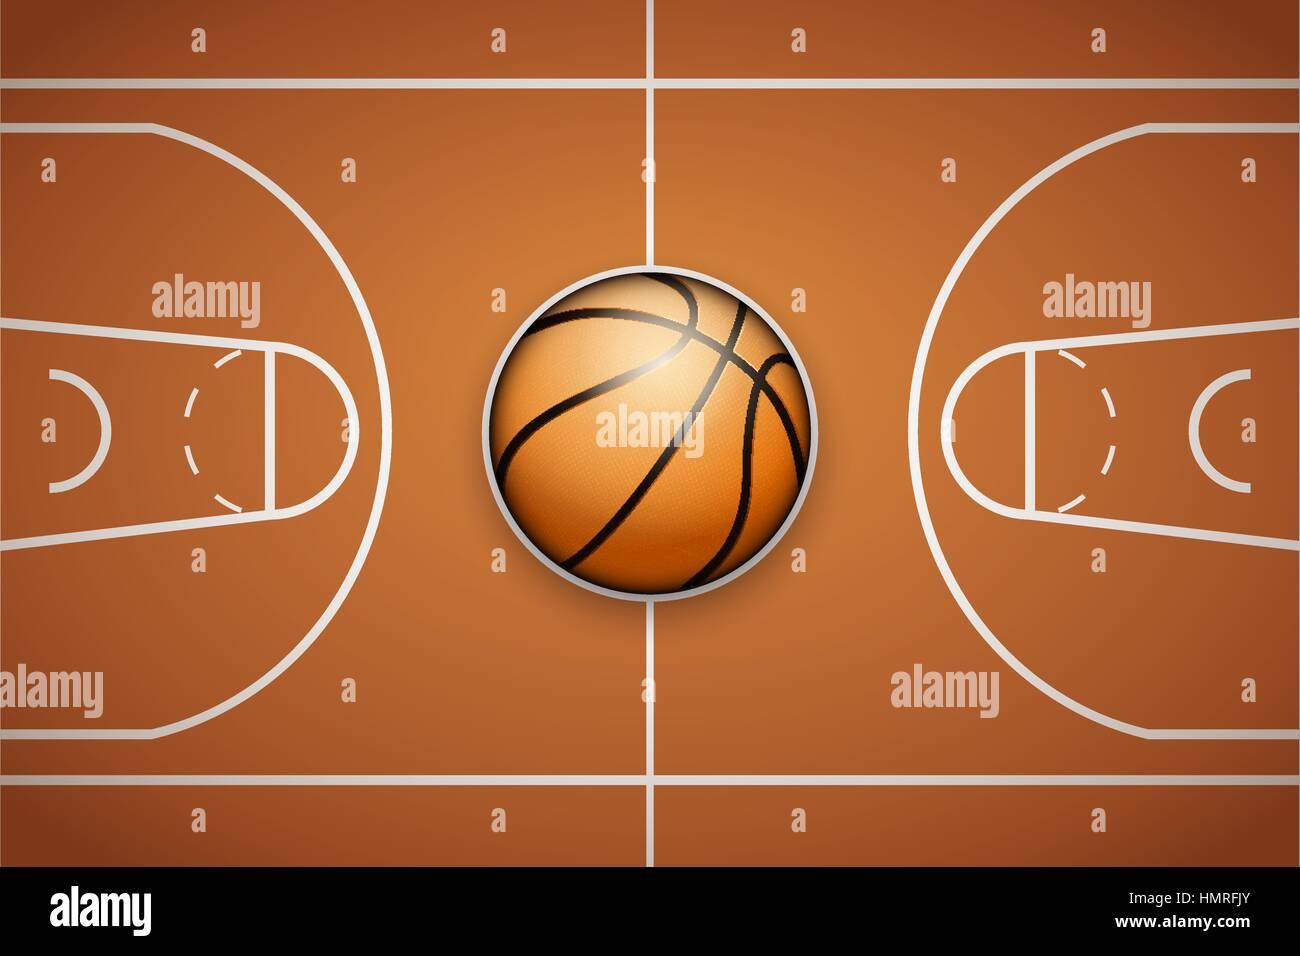 Plakat-Vorlage mit Basketball Ball auf Arena-Feld. Cup und Turnier ...